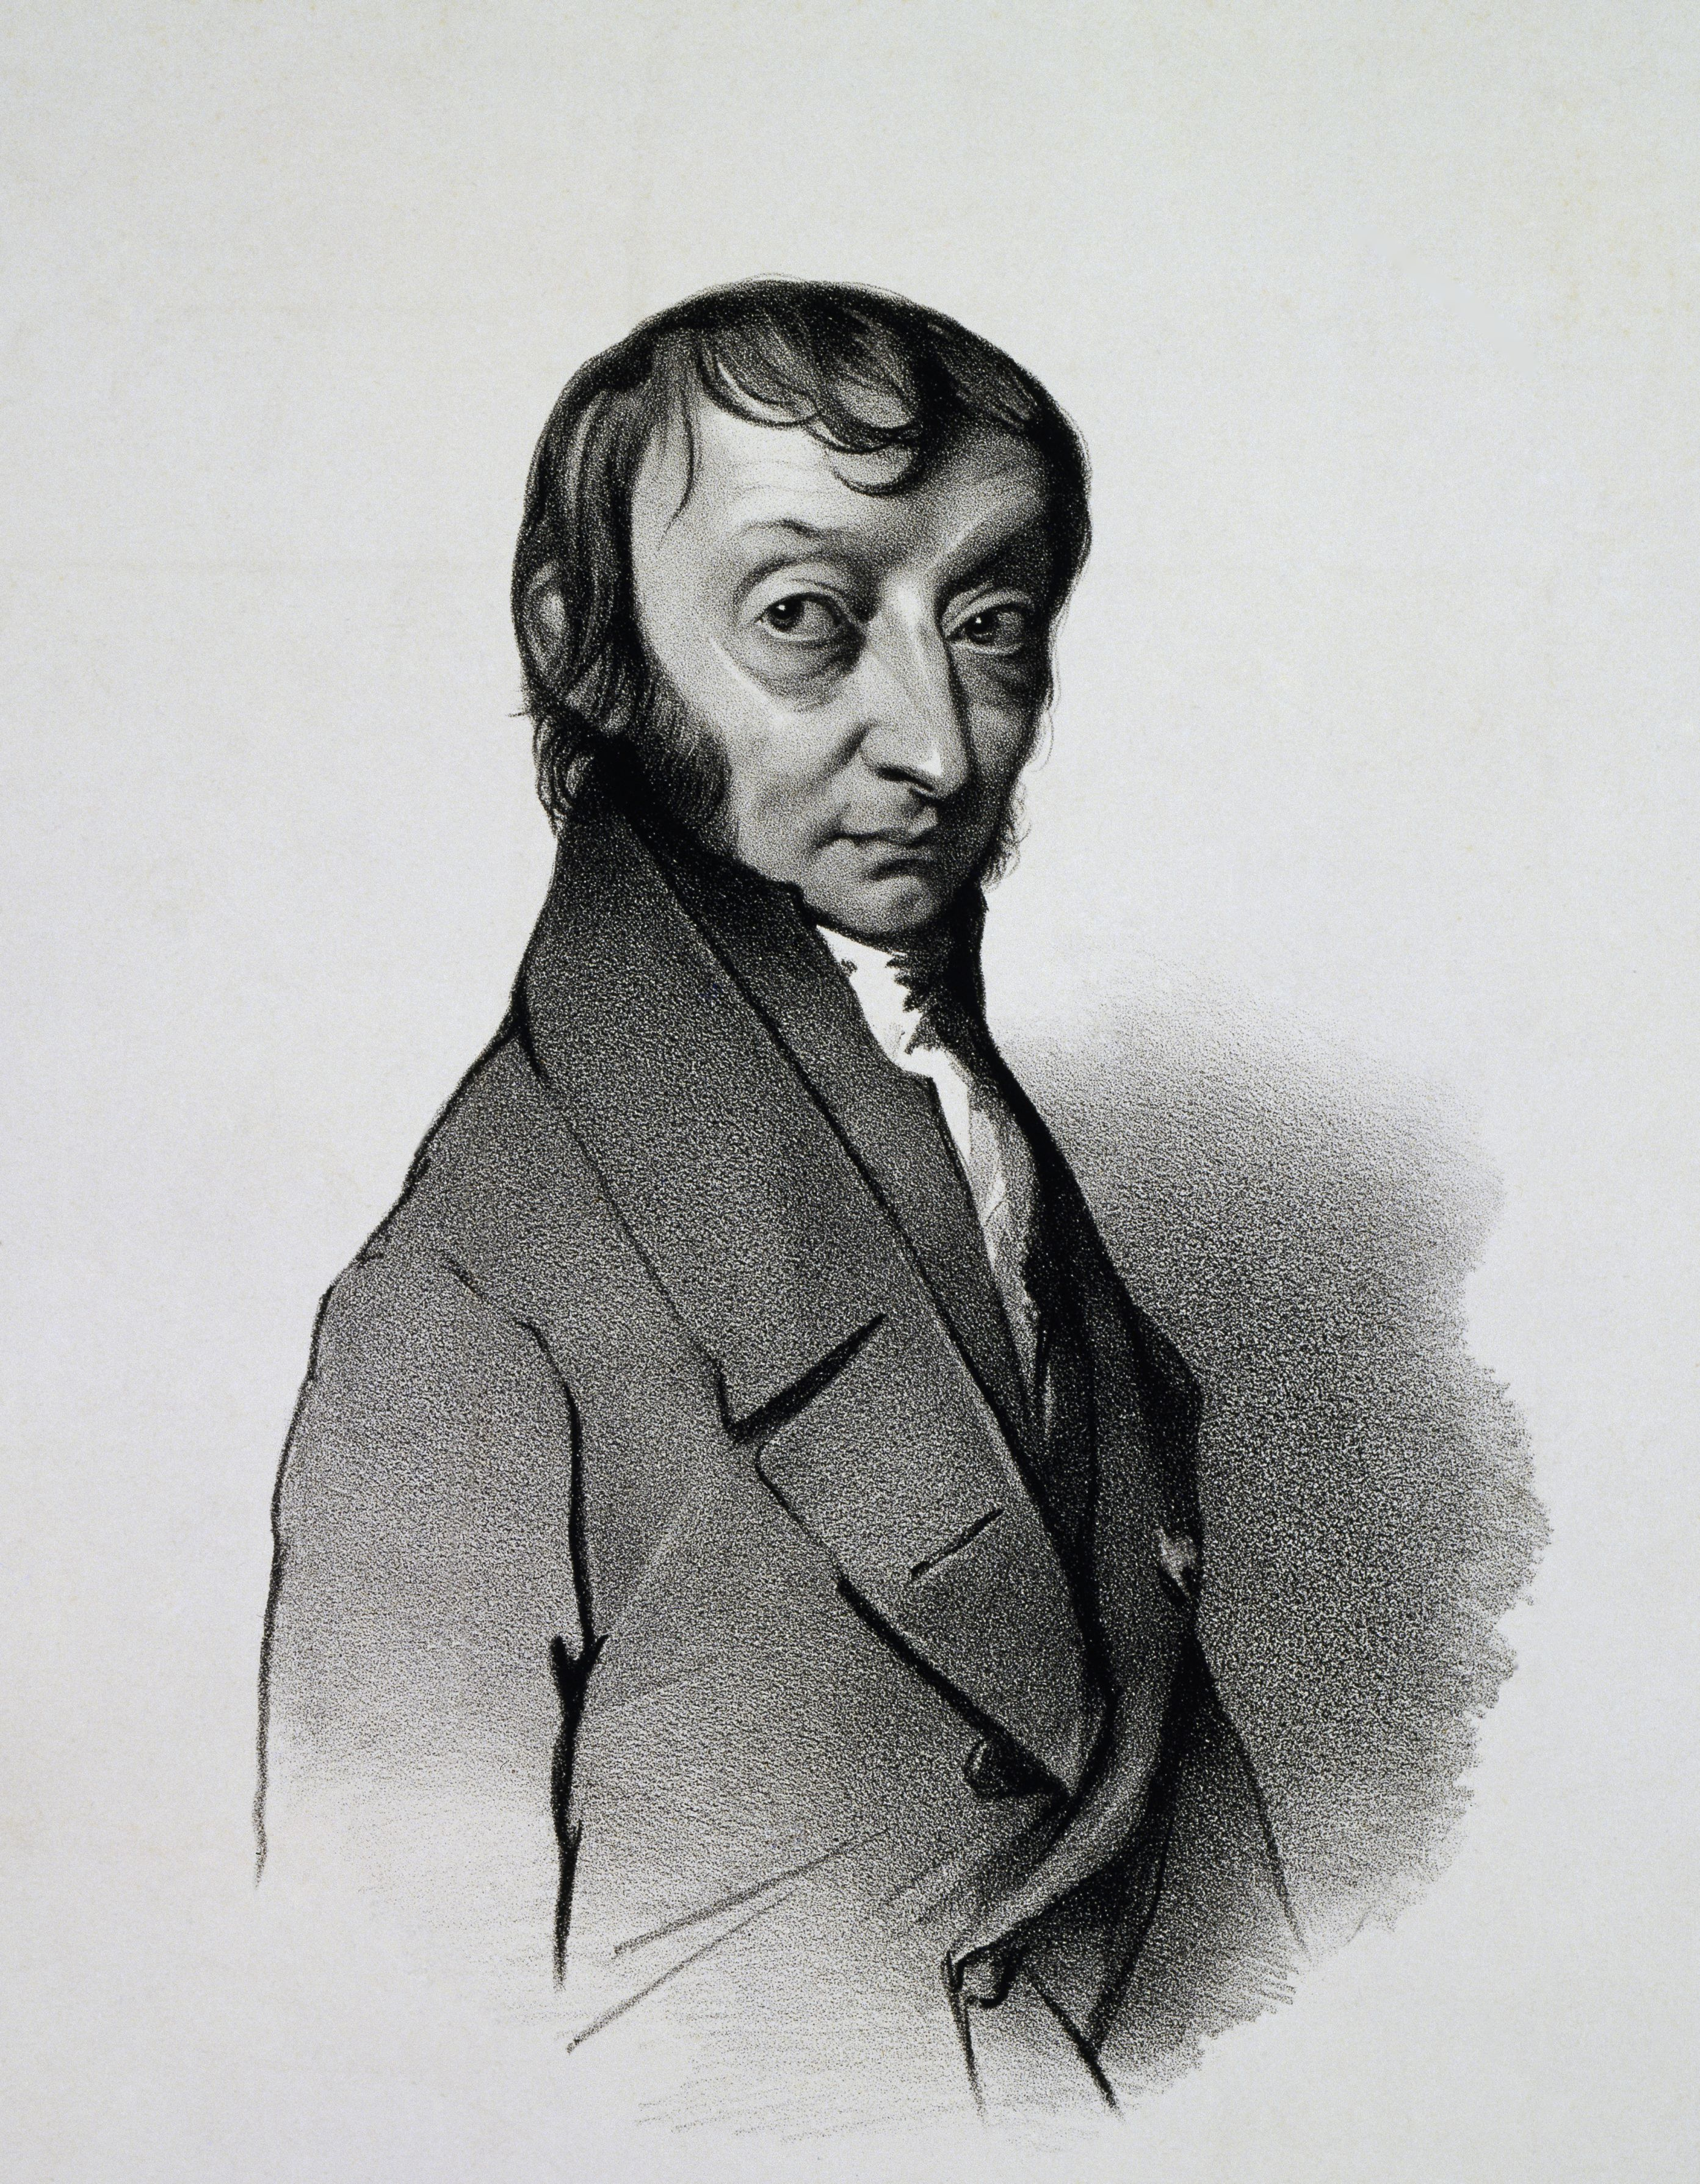 Portrait of Amedeo Avogadro